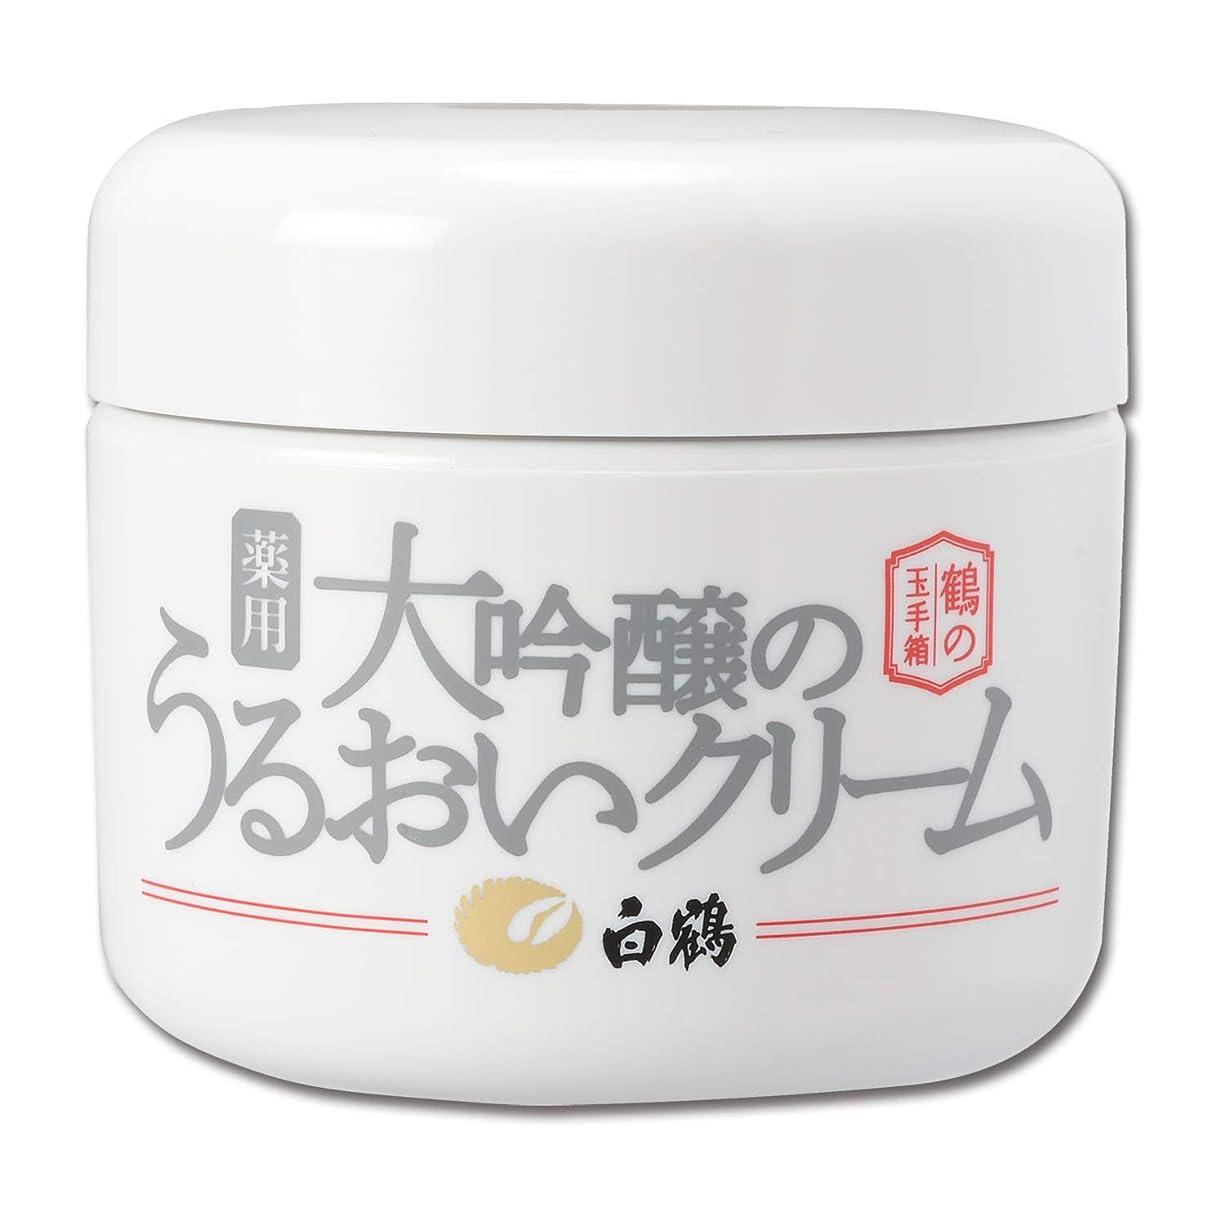 不足自伝補正白鶴 鶴の玉手箱 薬用 大吟醸のうるおいクリーム 90g (オールインワン/医薬部外品)